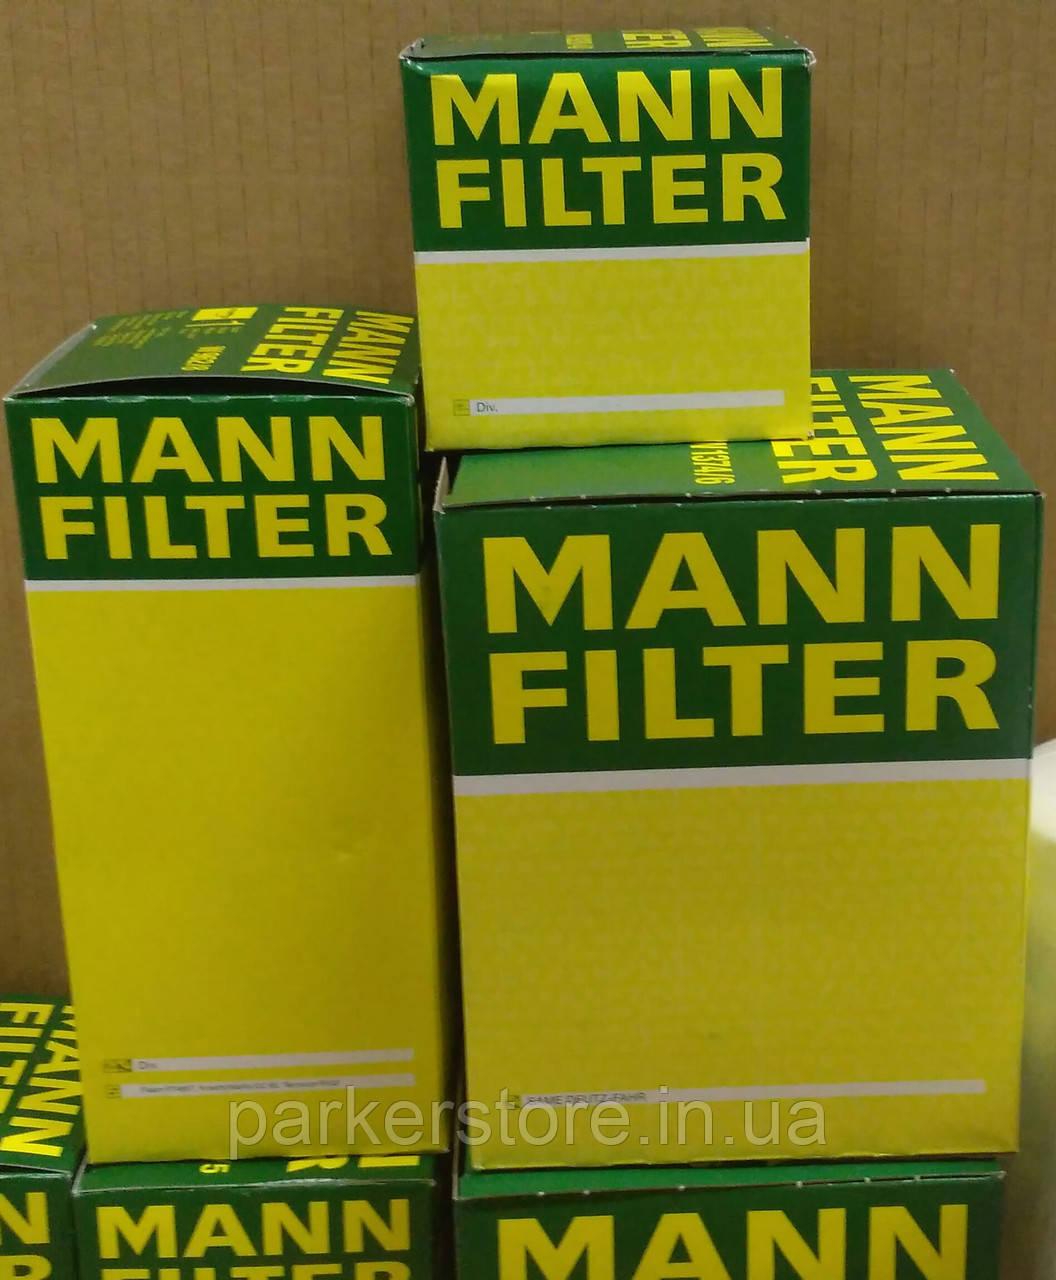 MANN FILTER / Воздушный фильтр / C 29 012 / C29012